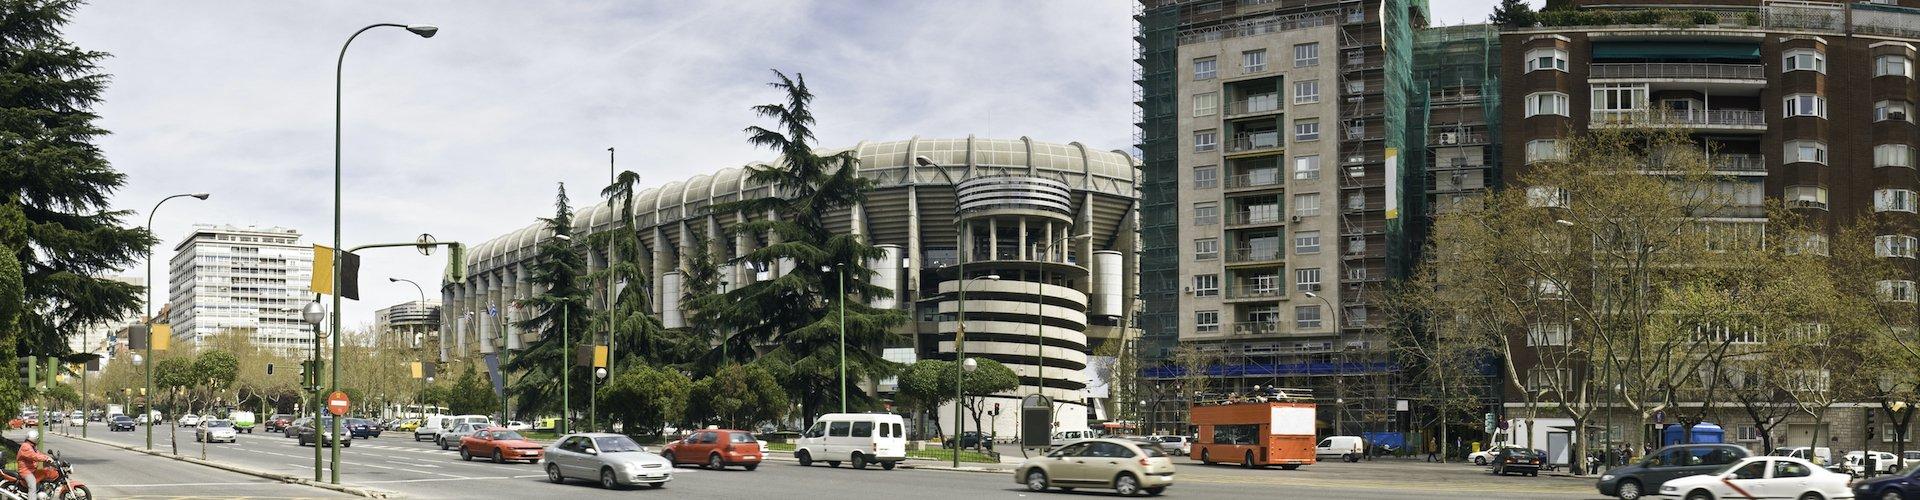 Ausflugsziel Stadion Santiago Bernabéu